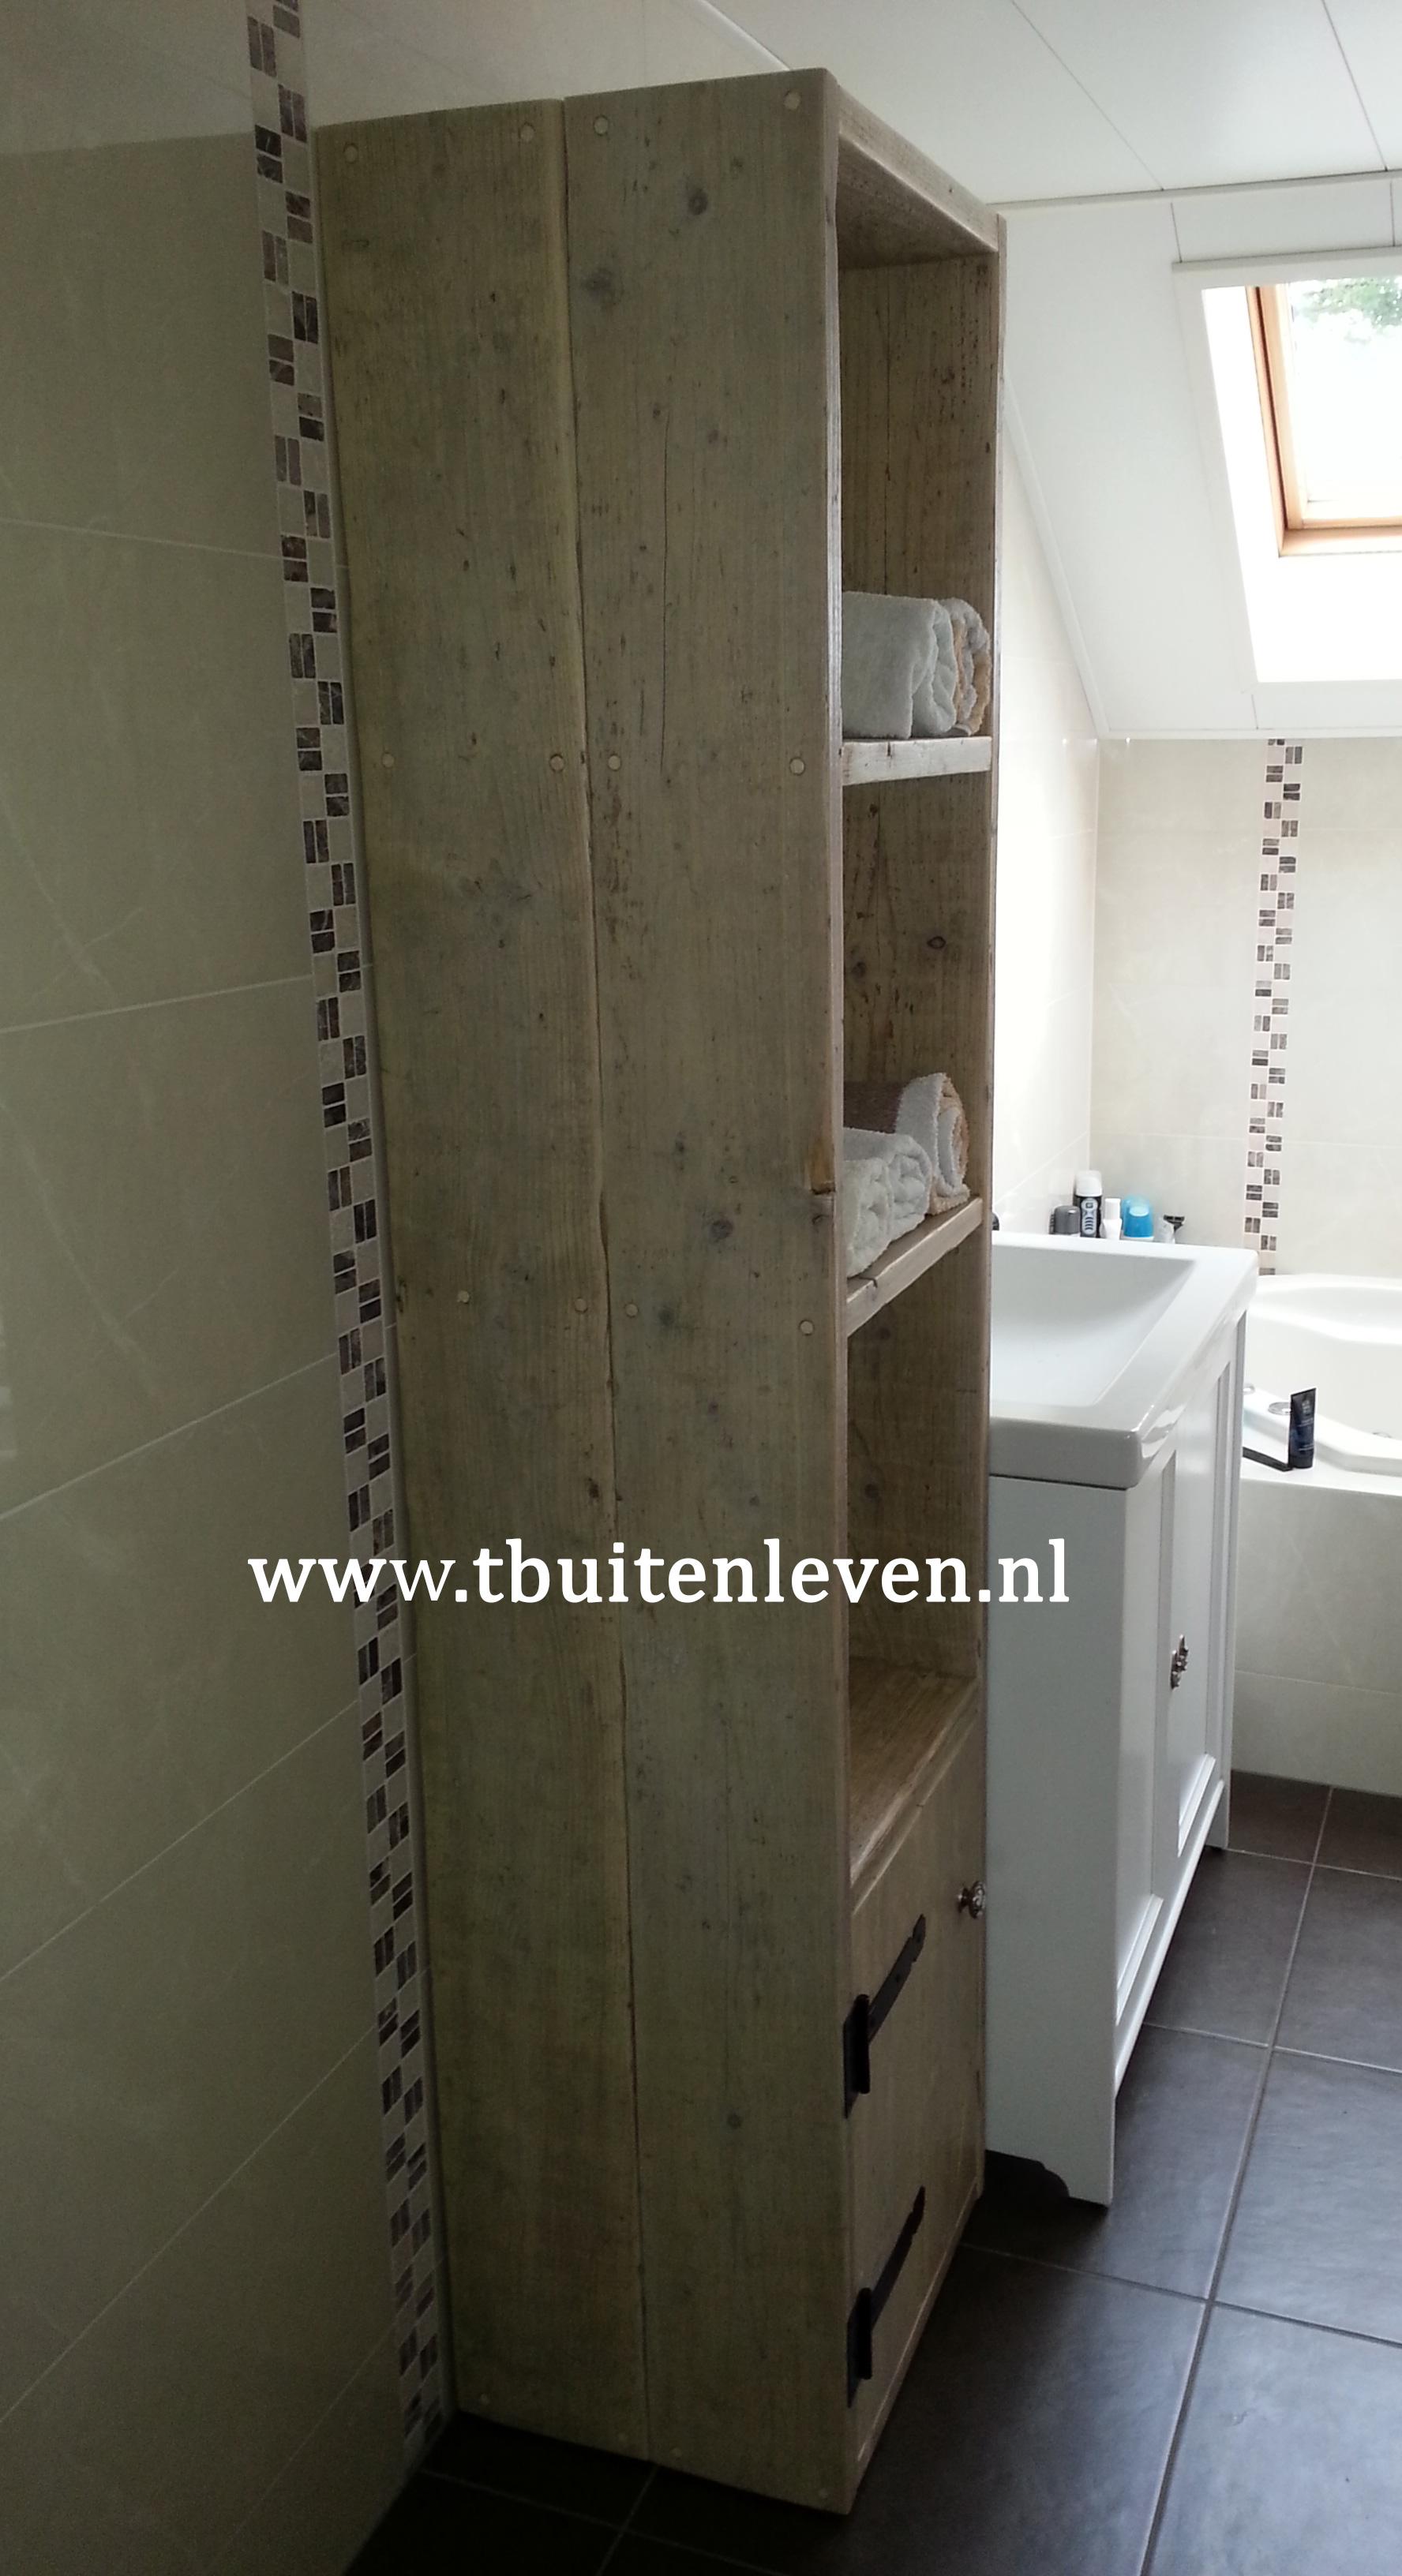 Badkamermeubel, planken voor de handdoeken en onderin een kastje voor overige spullen.